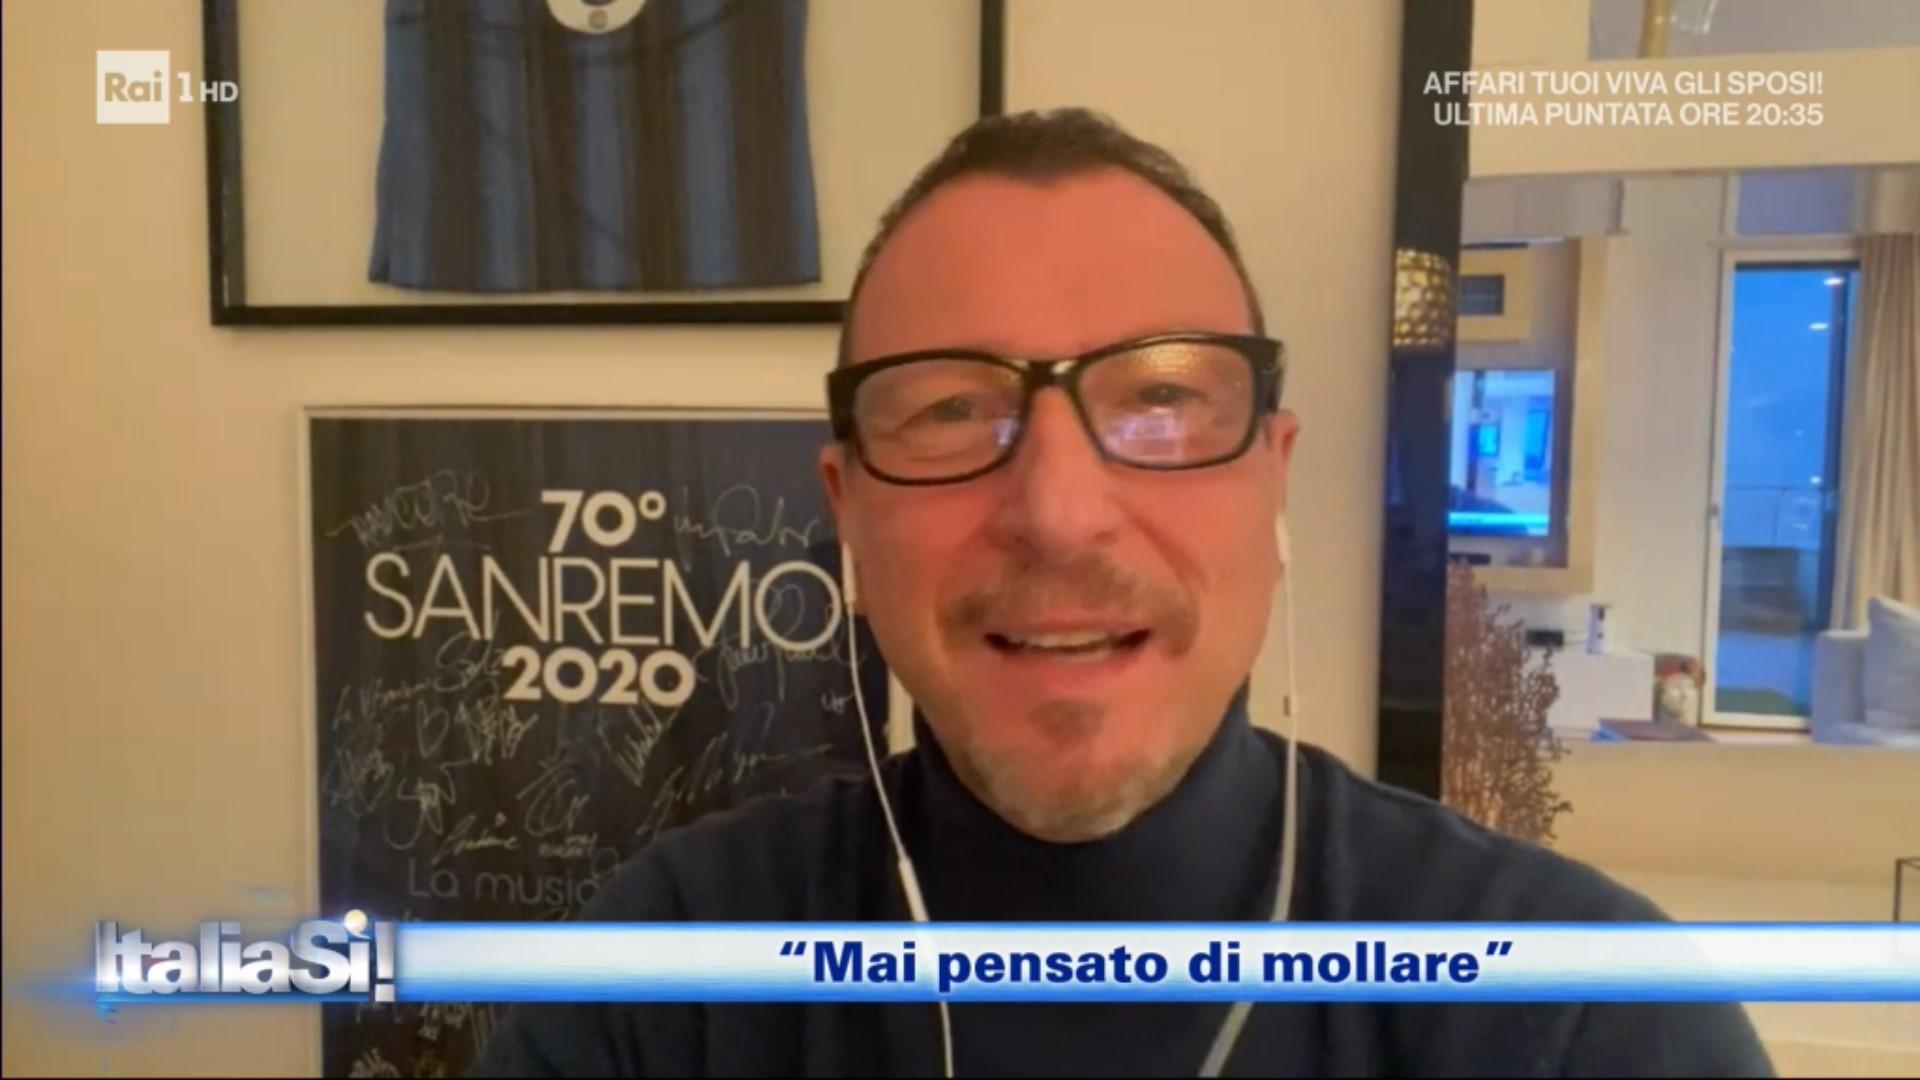 """sanremo-2021,-amadeus-a-italia-si:-""""non-ho-mai-voluto-abbandonare-sanremo"""".-ornella-vanoni-fra-gli-ospiti"""